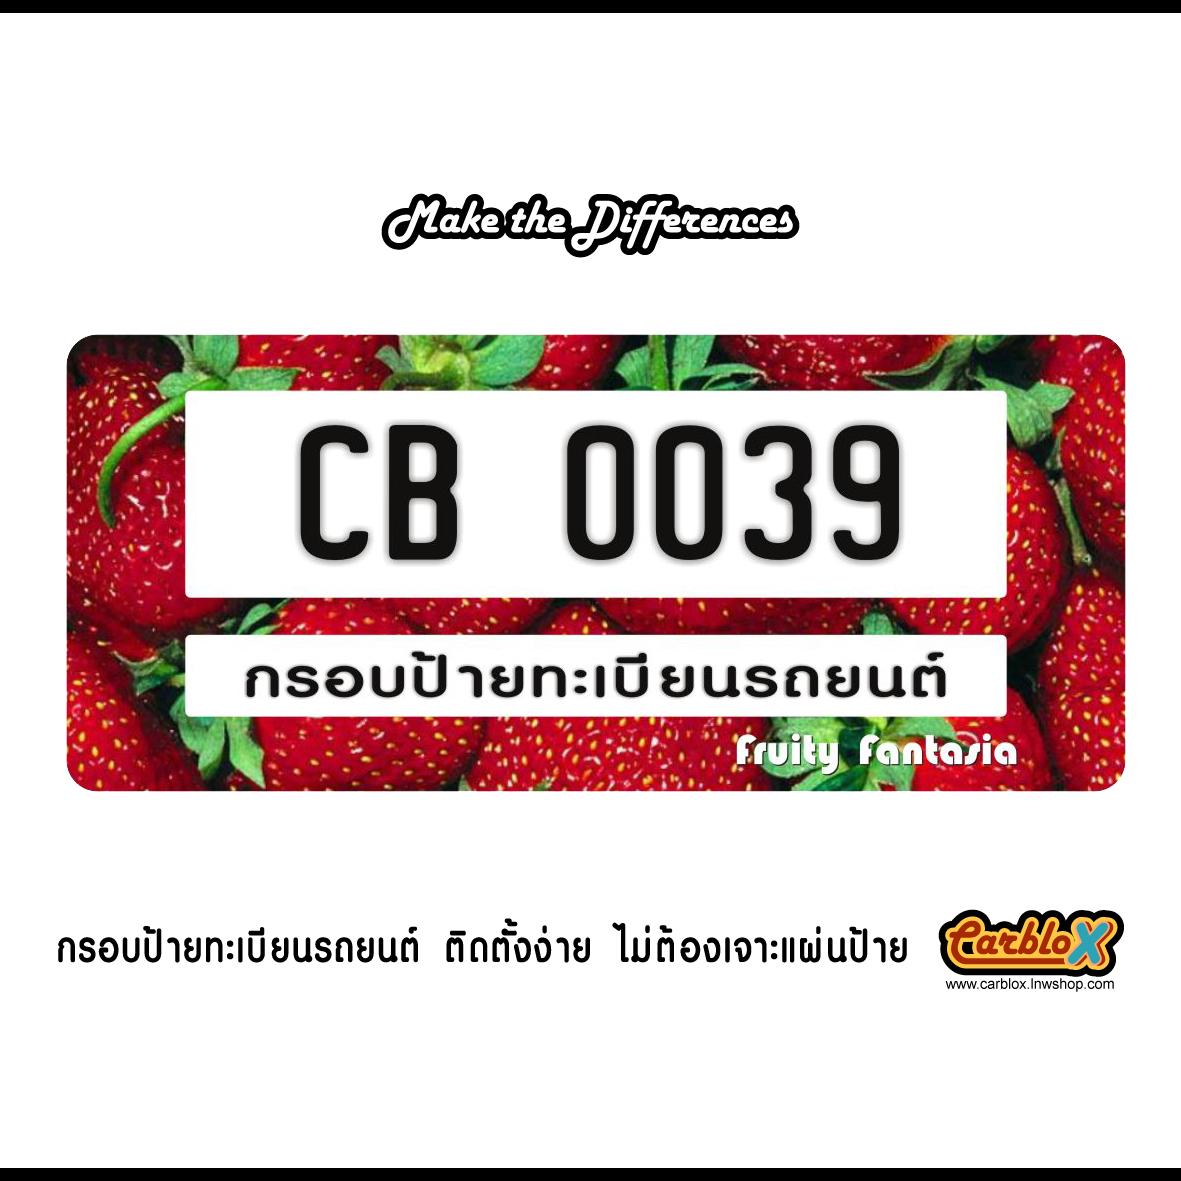 กรอบป้ายทะเบียนรถยนต์ CARBLOX ระหัส CB 0039 ลายผลไม้ FRUITS.